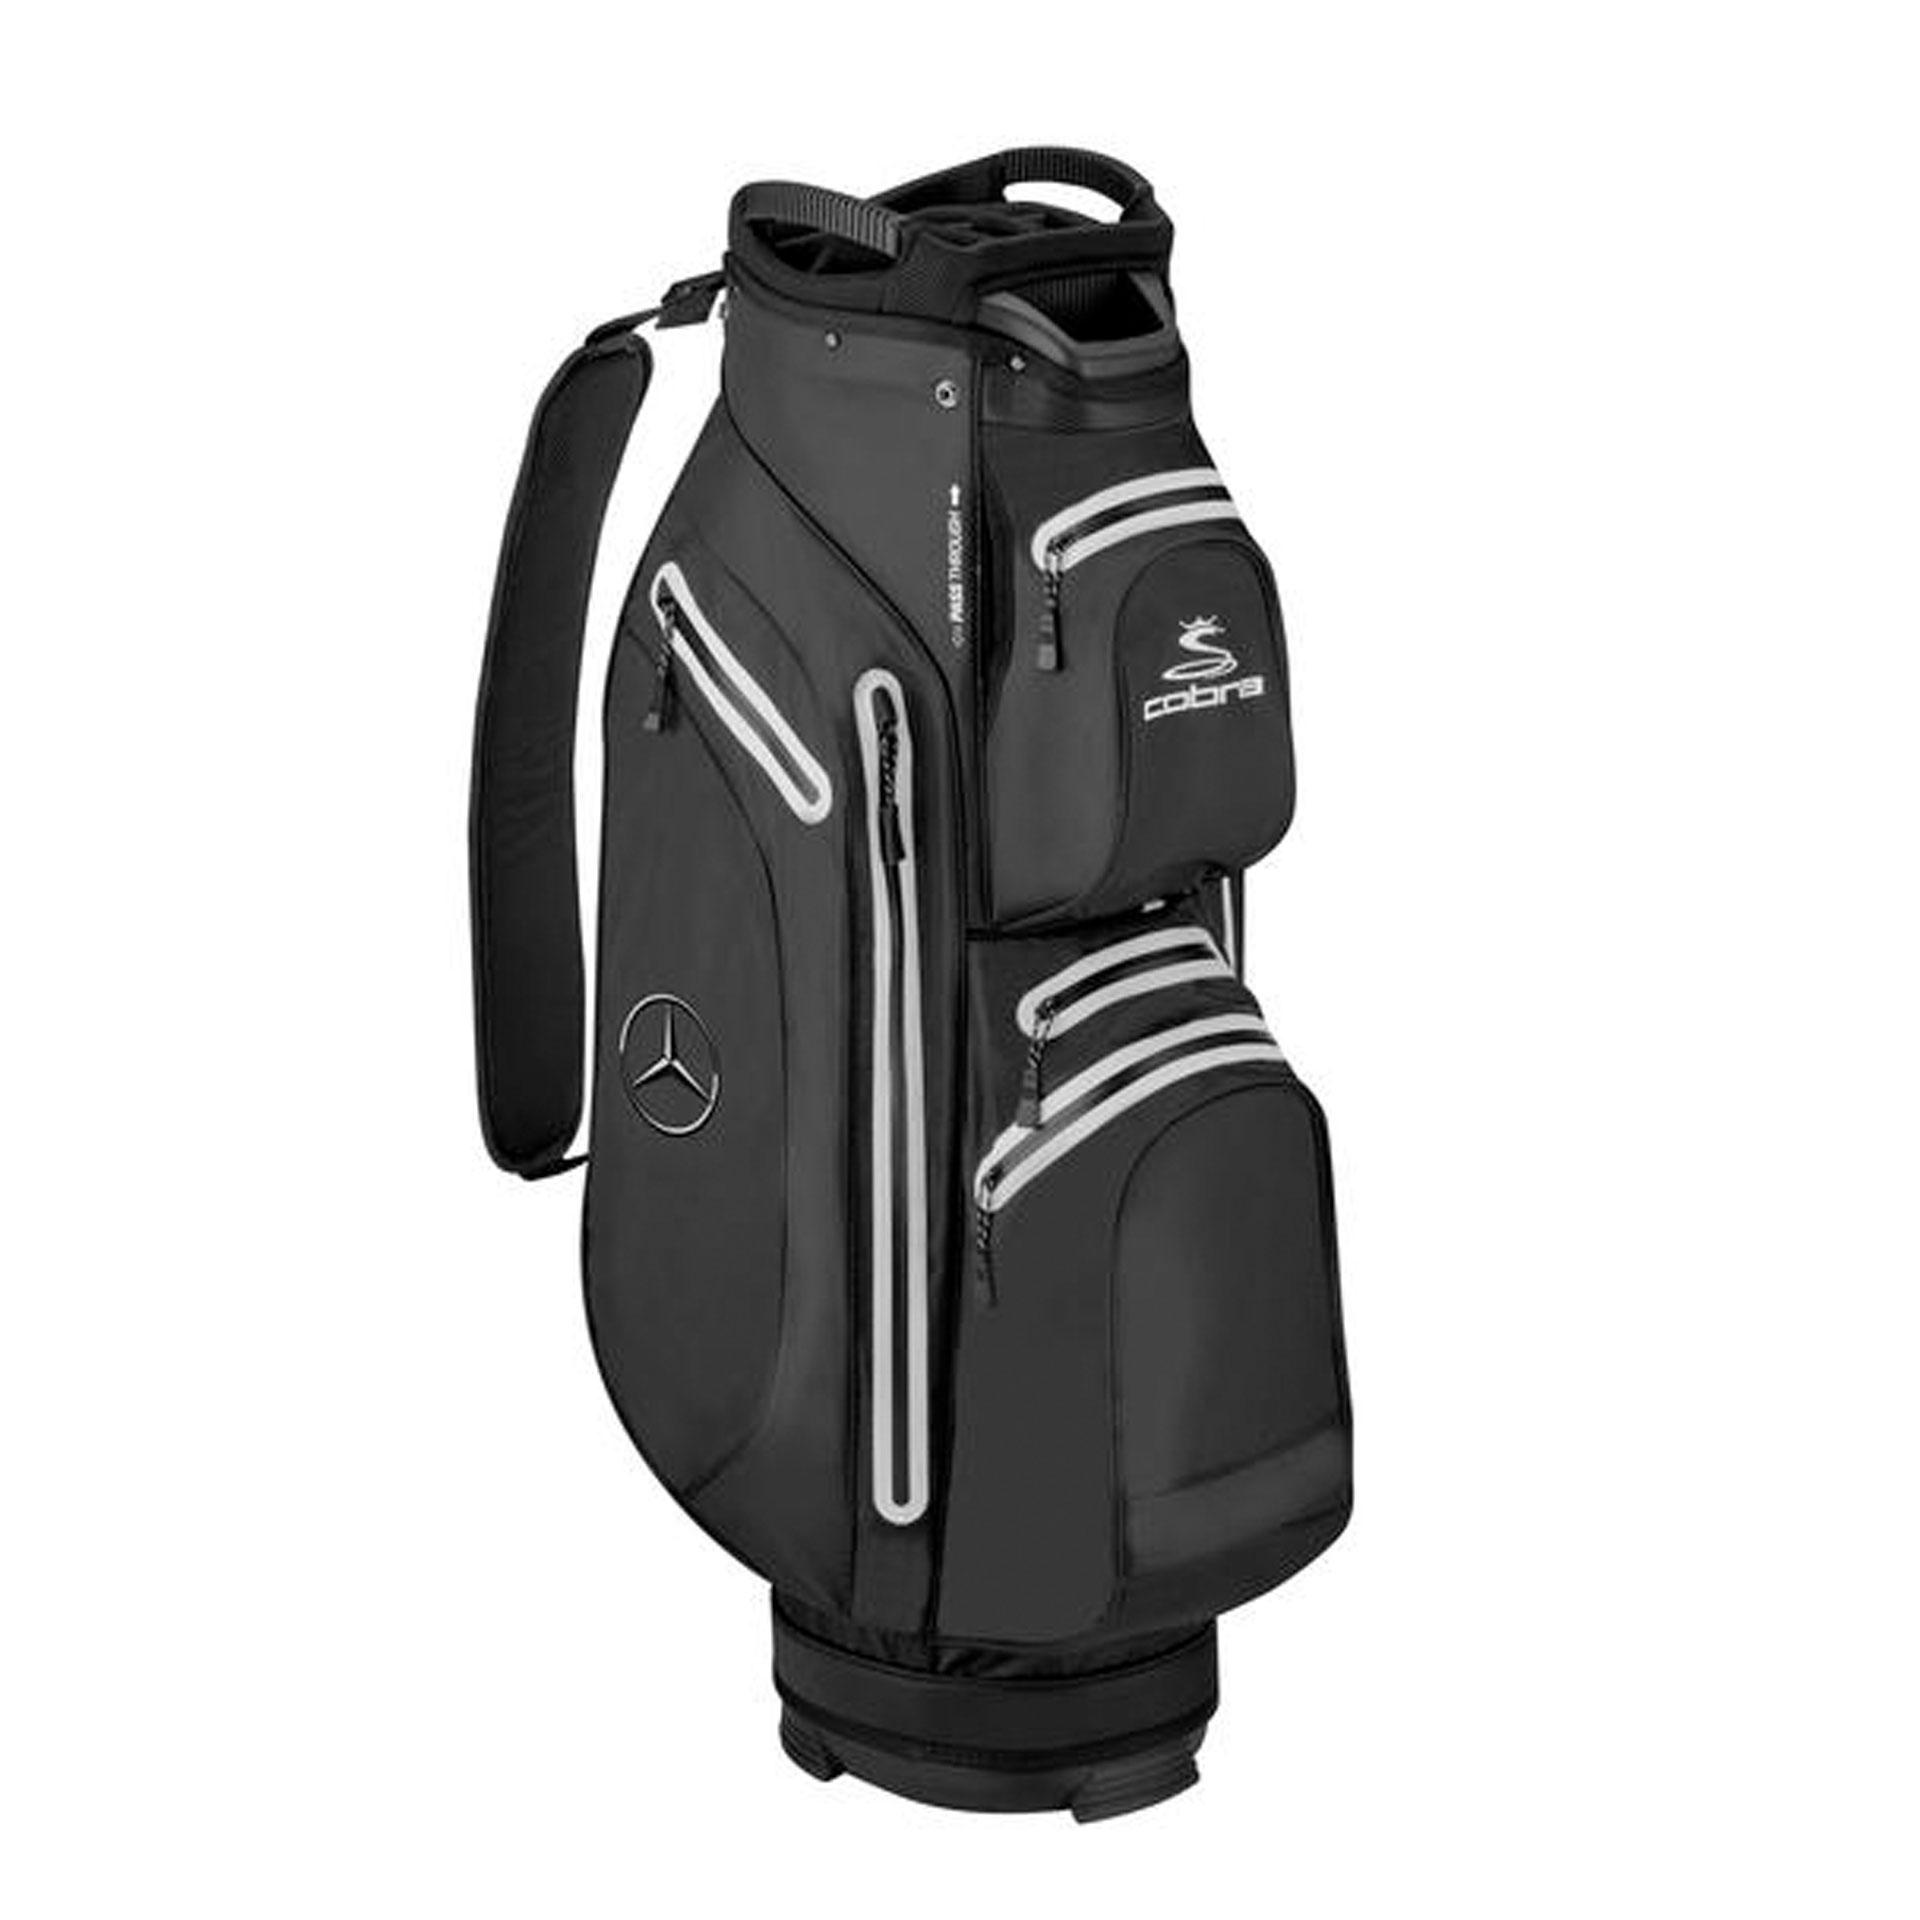 Mercedes-Benz Golf-Cartbag  by COBRA Golf-Bag